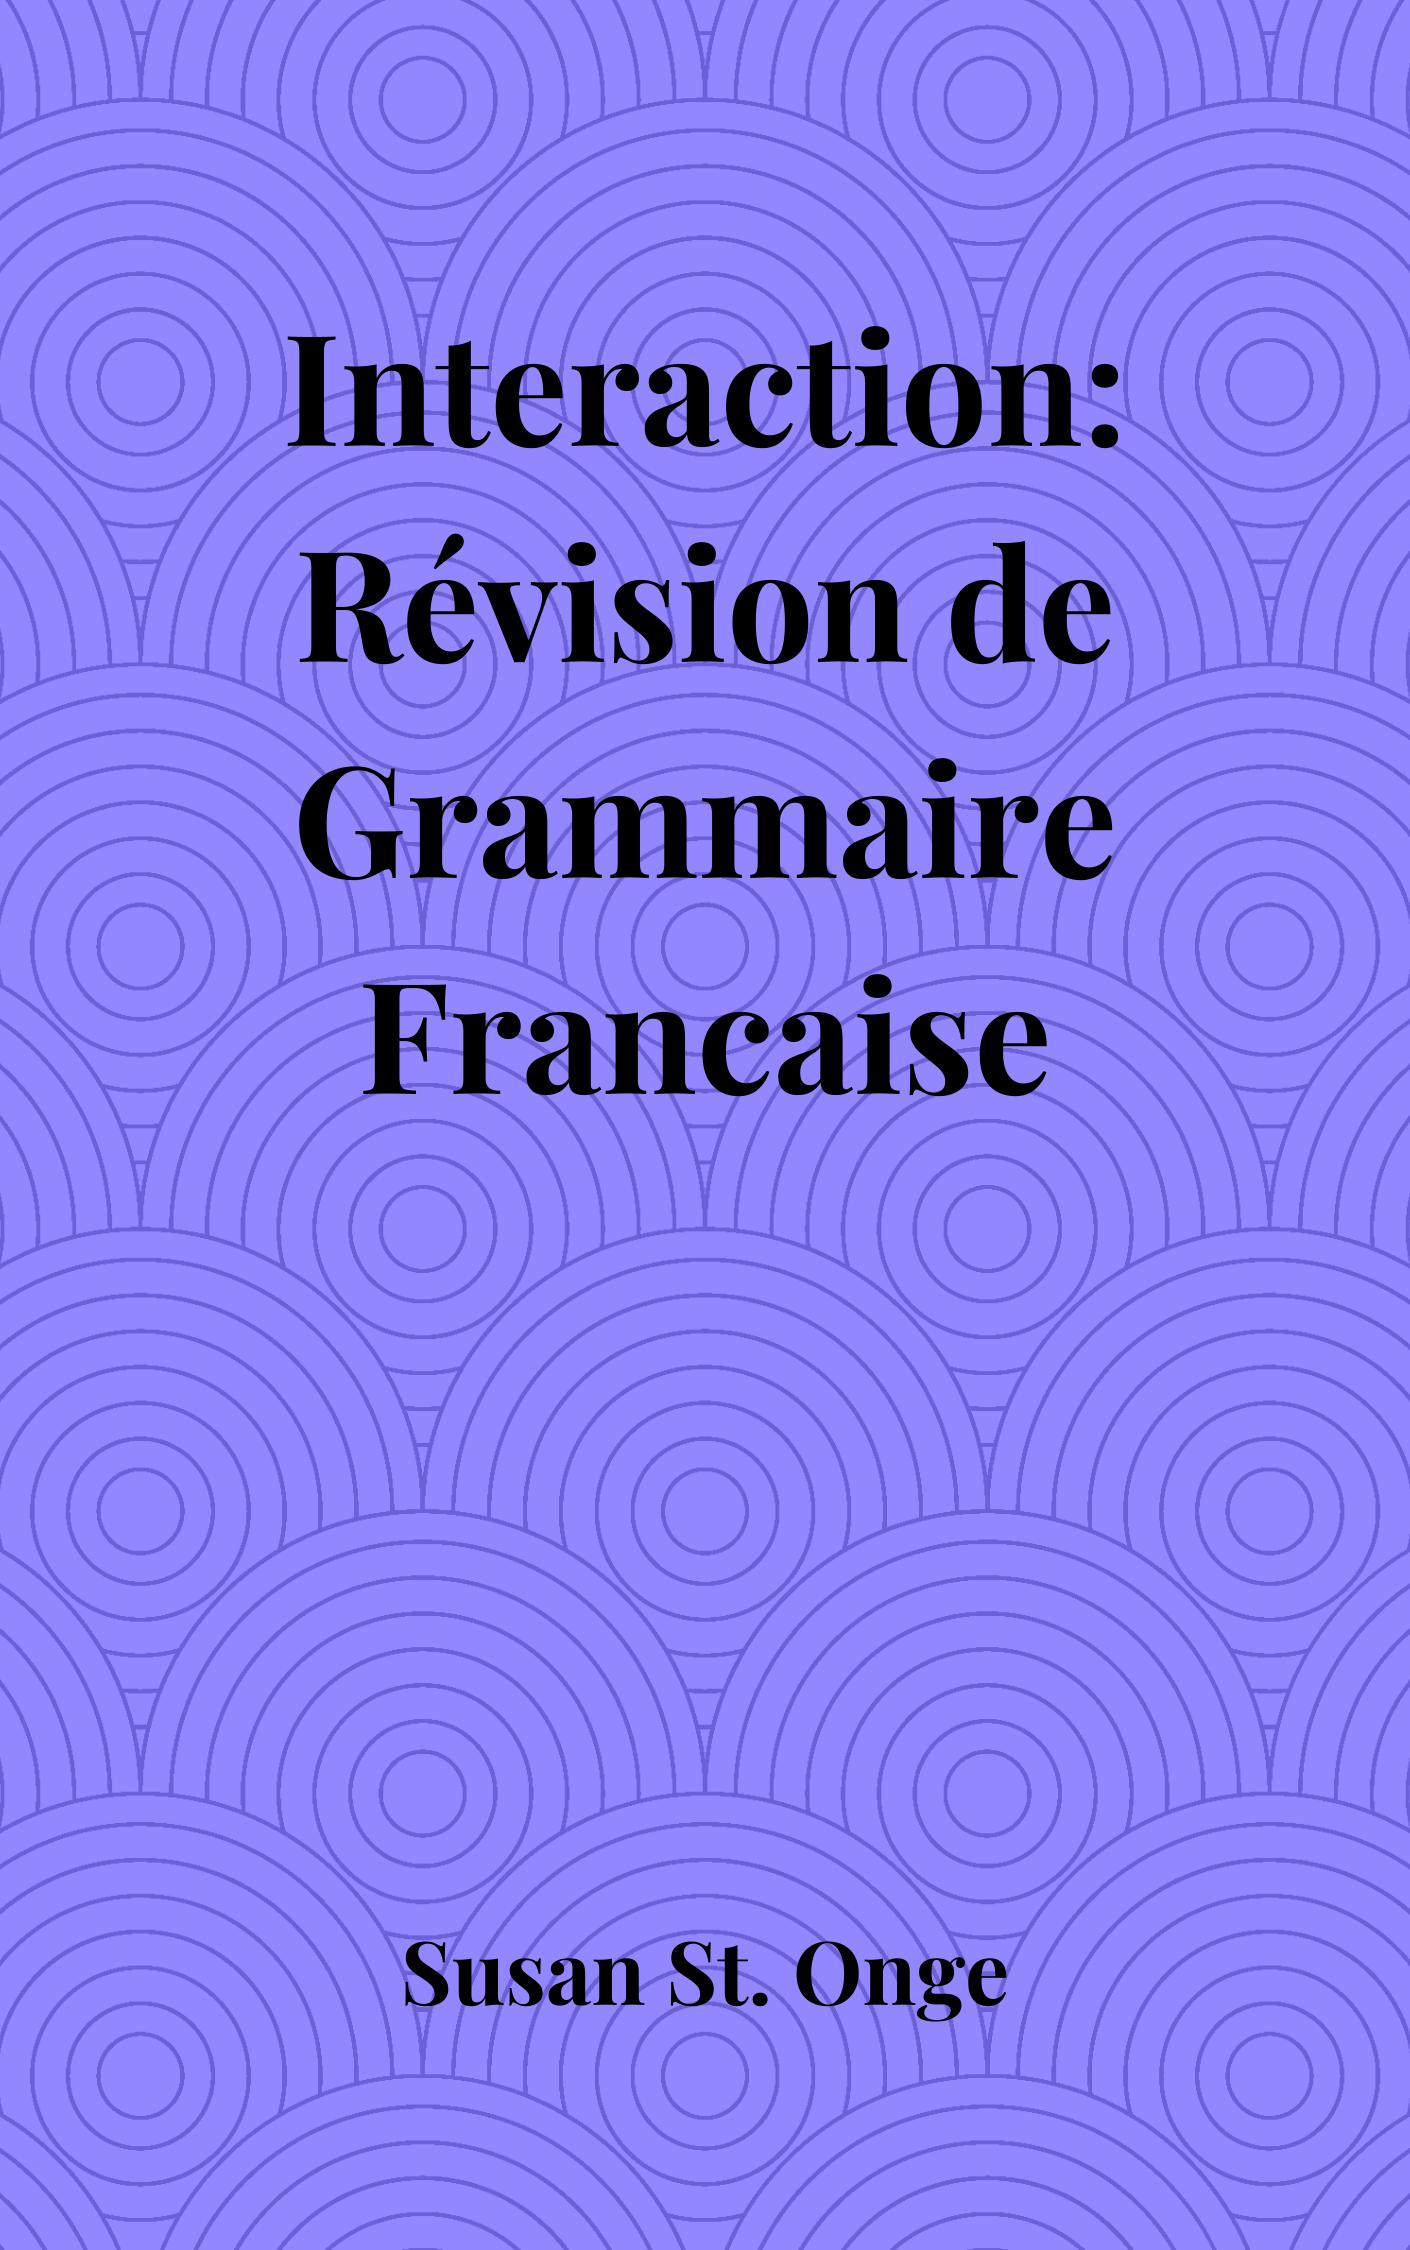 Interaction: Révision de Grammaire Francaise